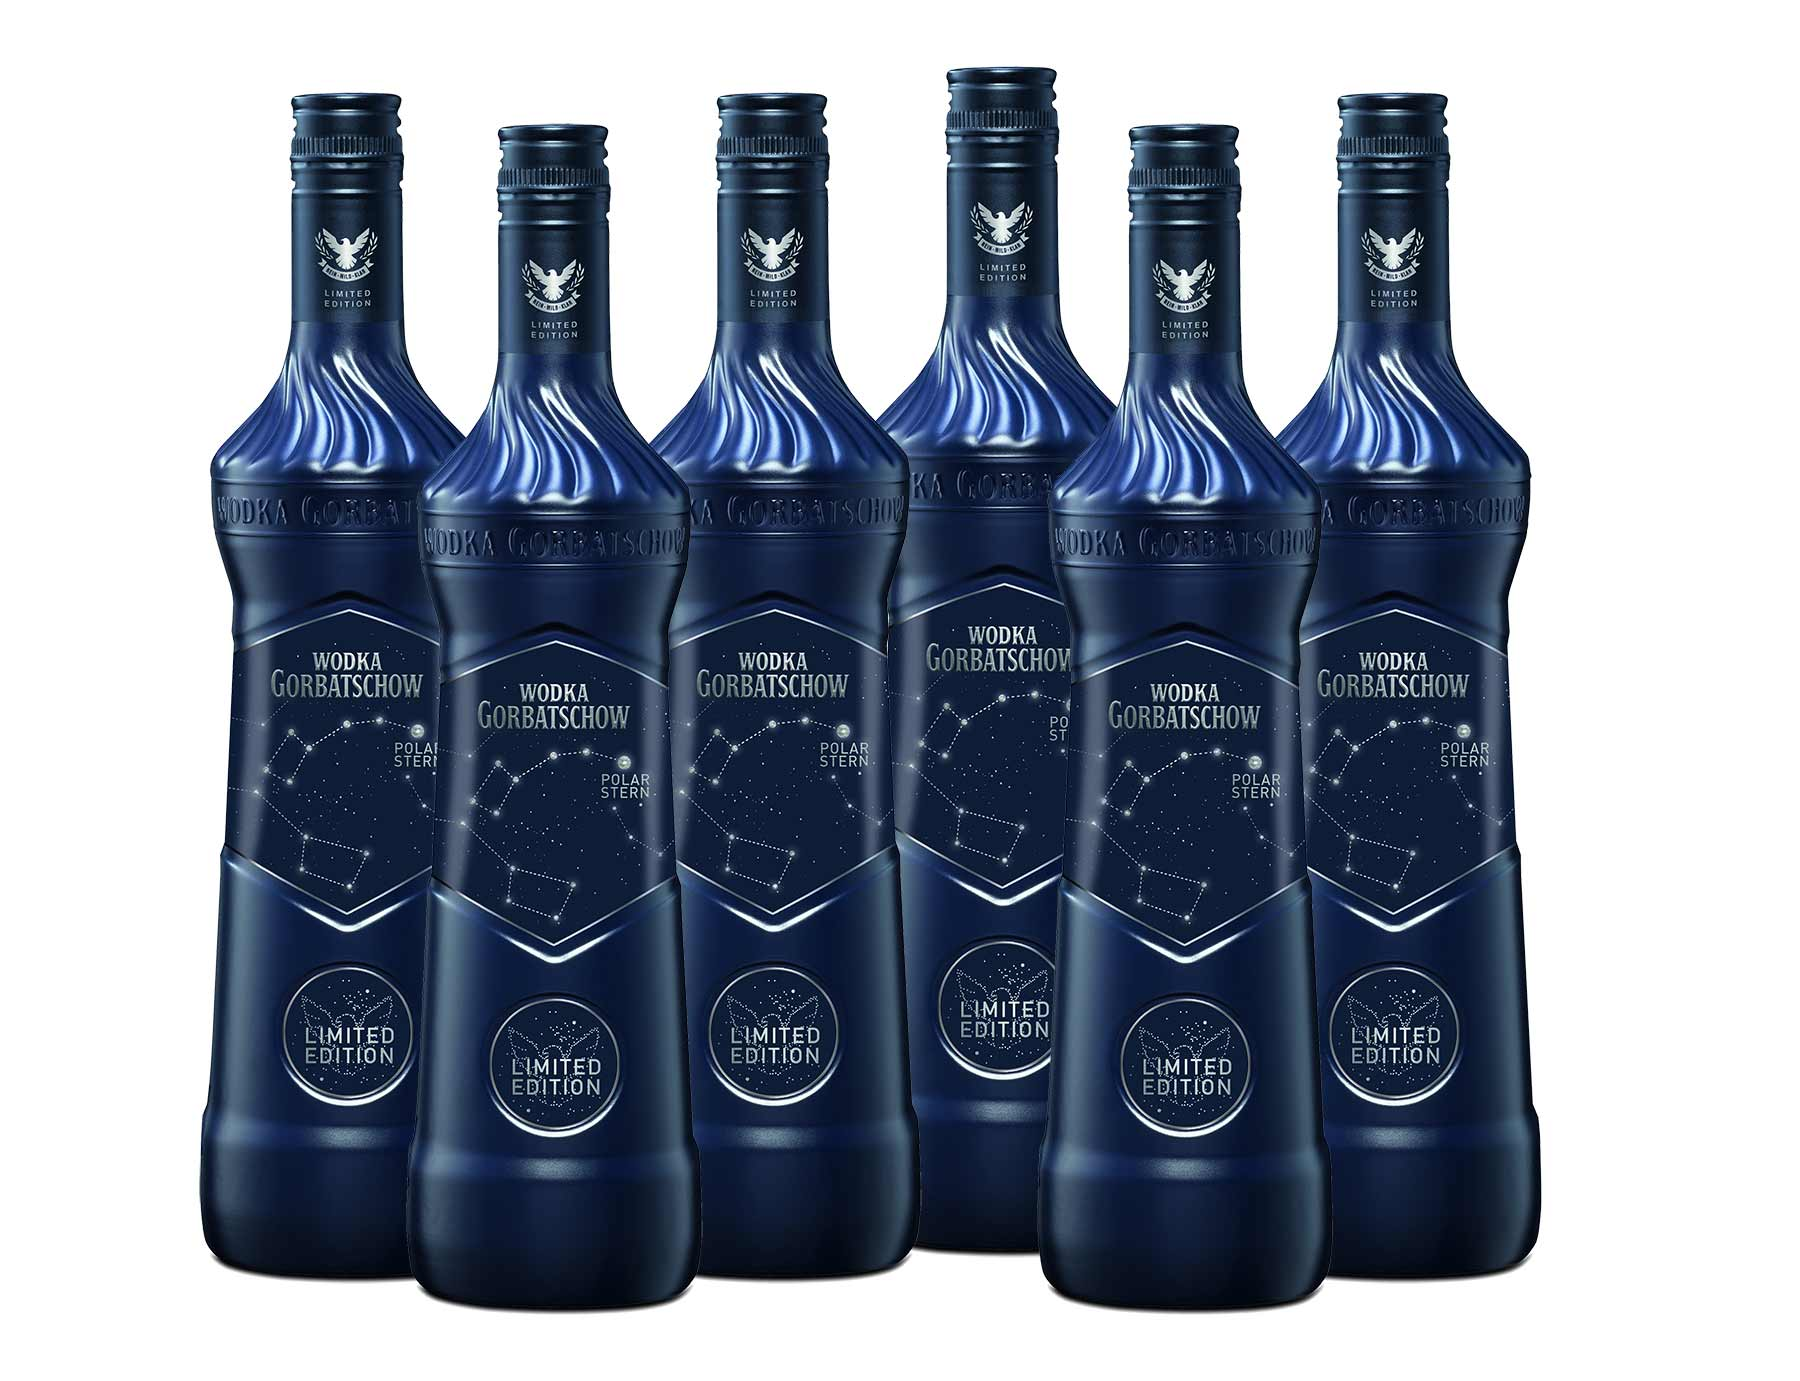 Gewinnt die Wodka Gorbatschow Limited Edition 2017 wodka-gorbatschow_polarstern-limitierte-flasche_03